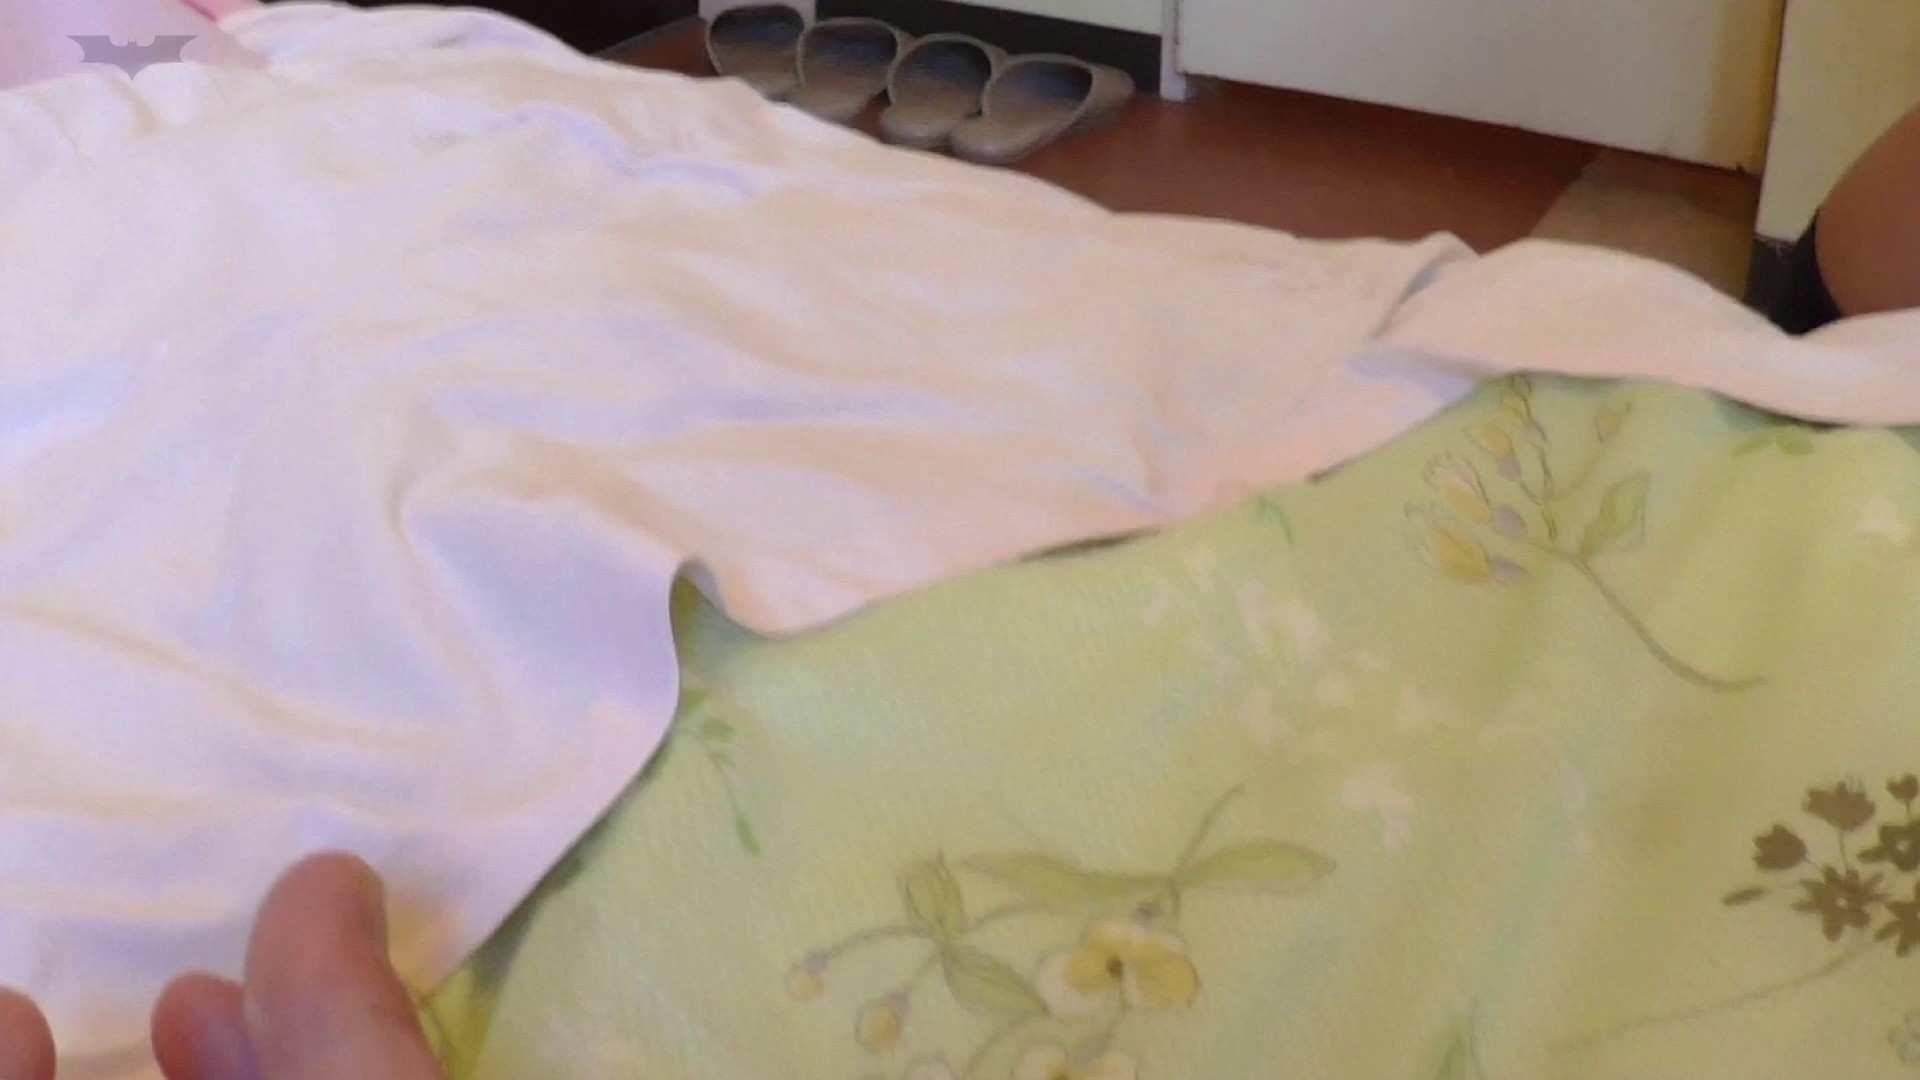 パンツを売る女 Vol.13 ノリノリのJD、そのノリでパクッ!どぴゅっと!! パンツ特集 エロ無料画像 112画像 11